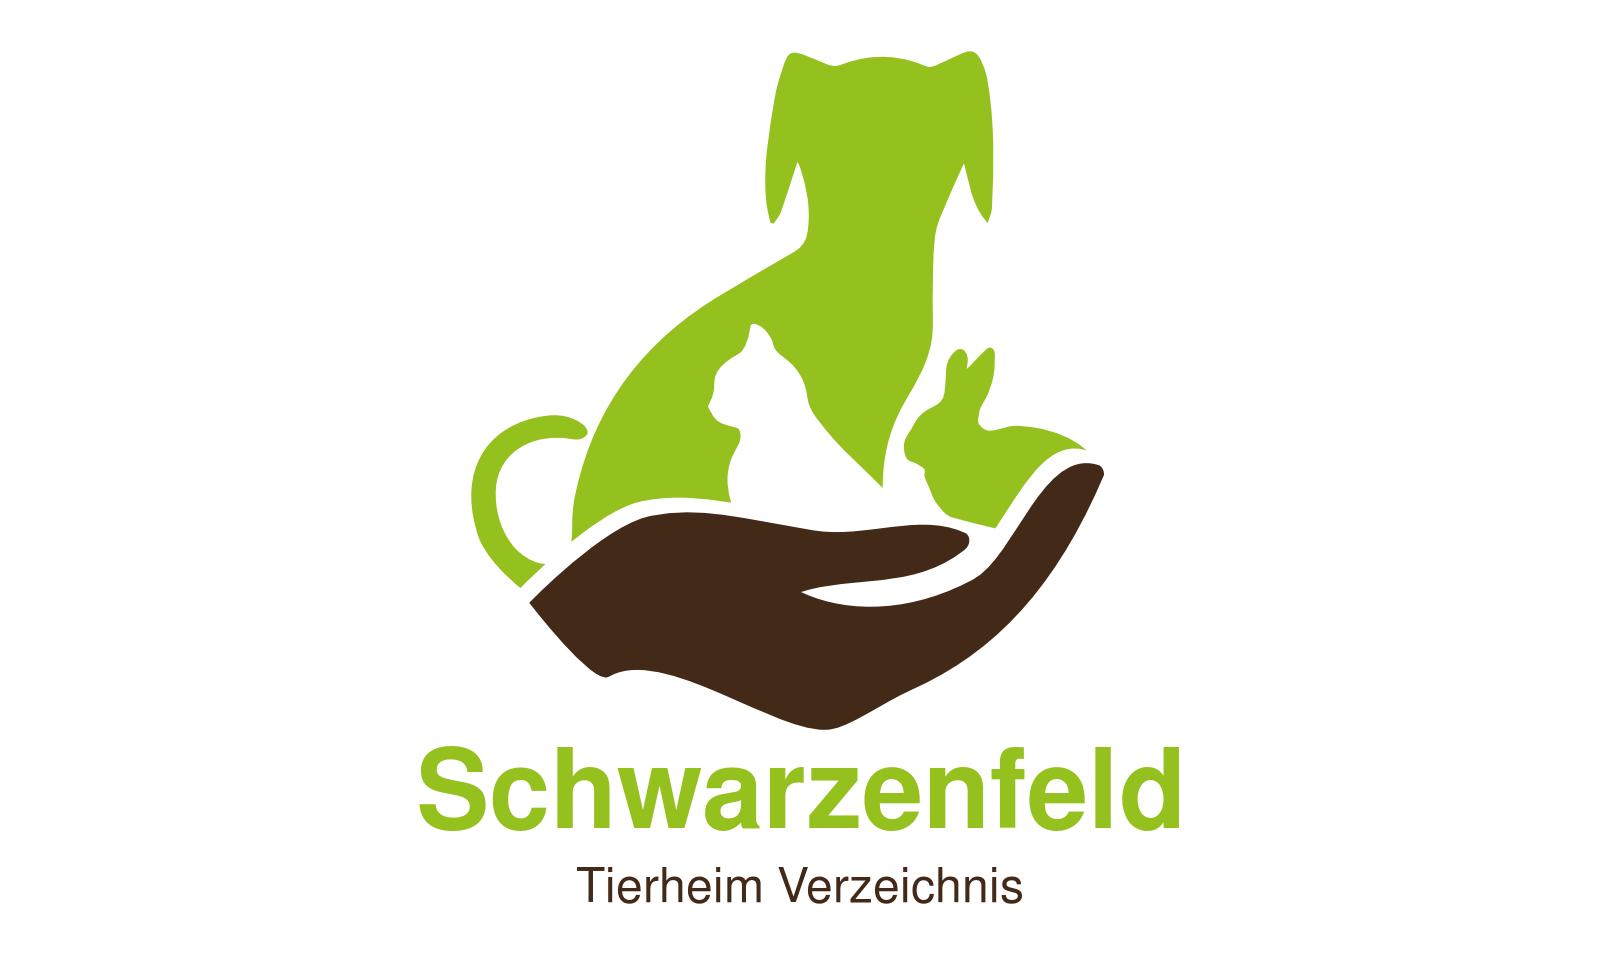 Tierheim Schwarzenfeld